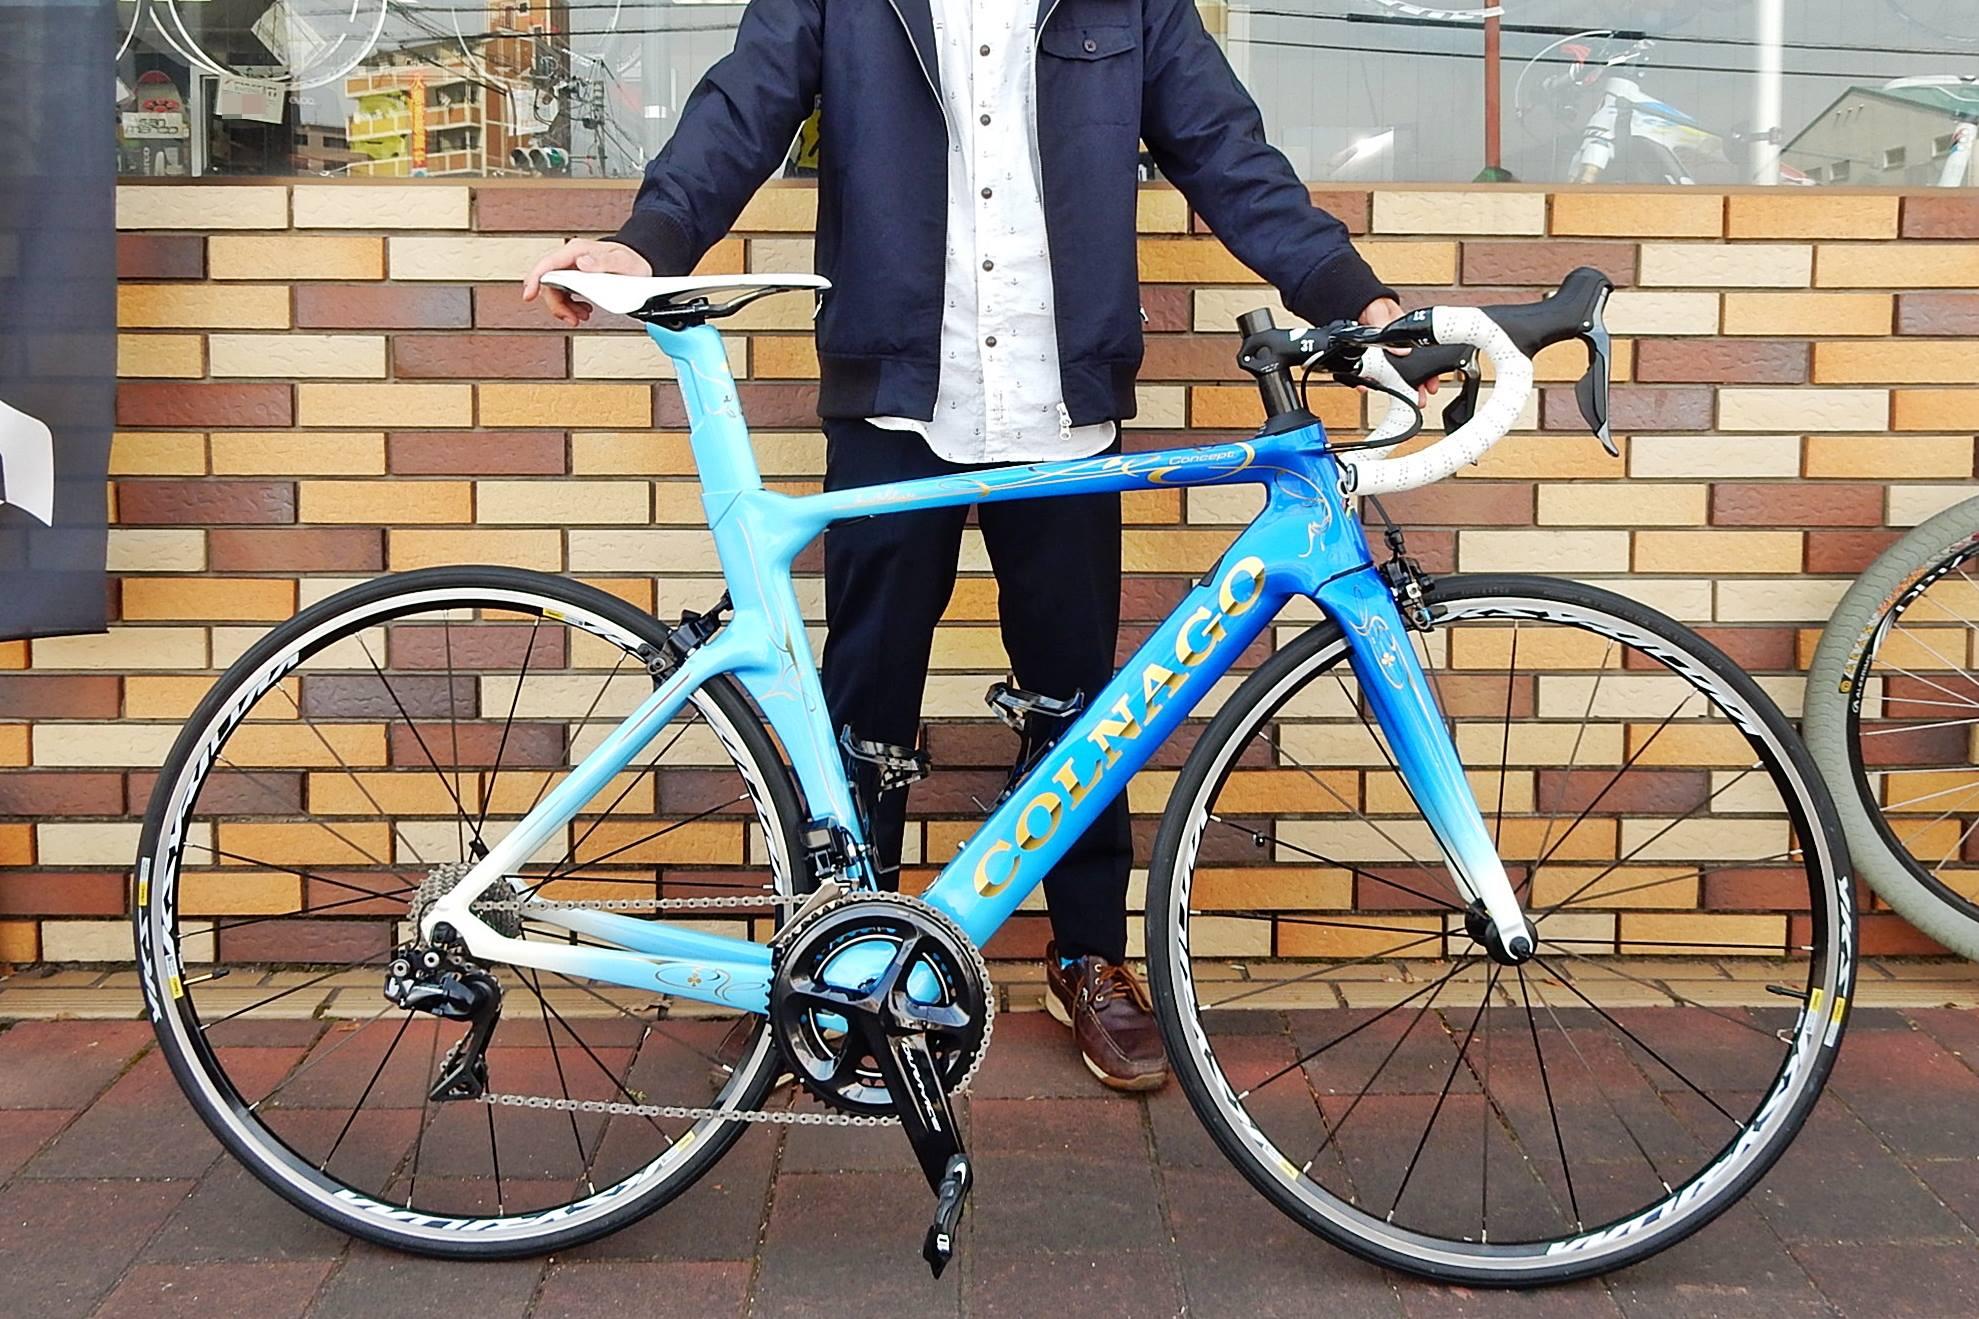 2017年 COLNAGO colnago コルナゴ CONCEPT concept コンセプト イタリアメーカー エアロロードバイク カーボン レース 広島県福山市 FINE fine ファイン